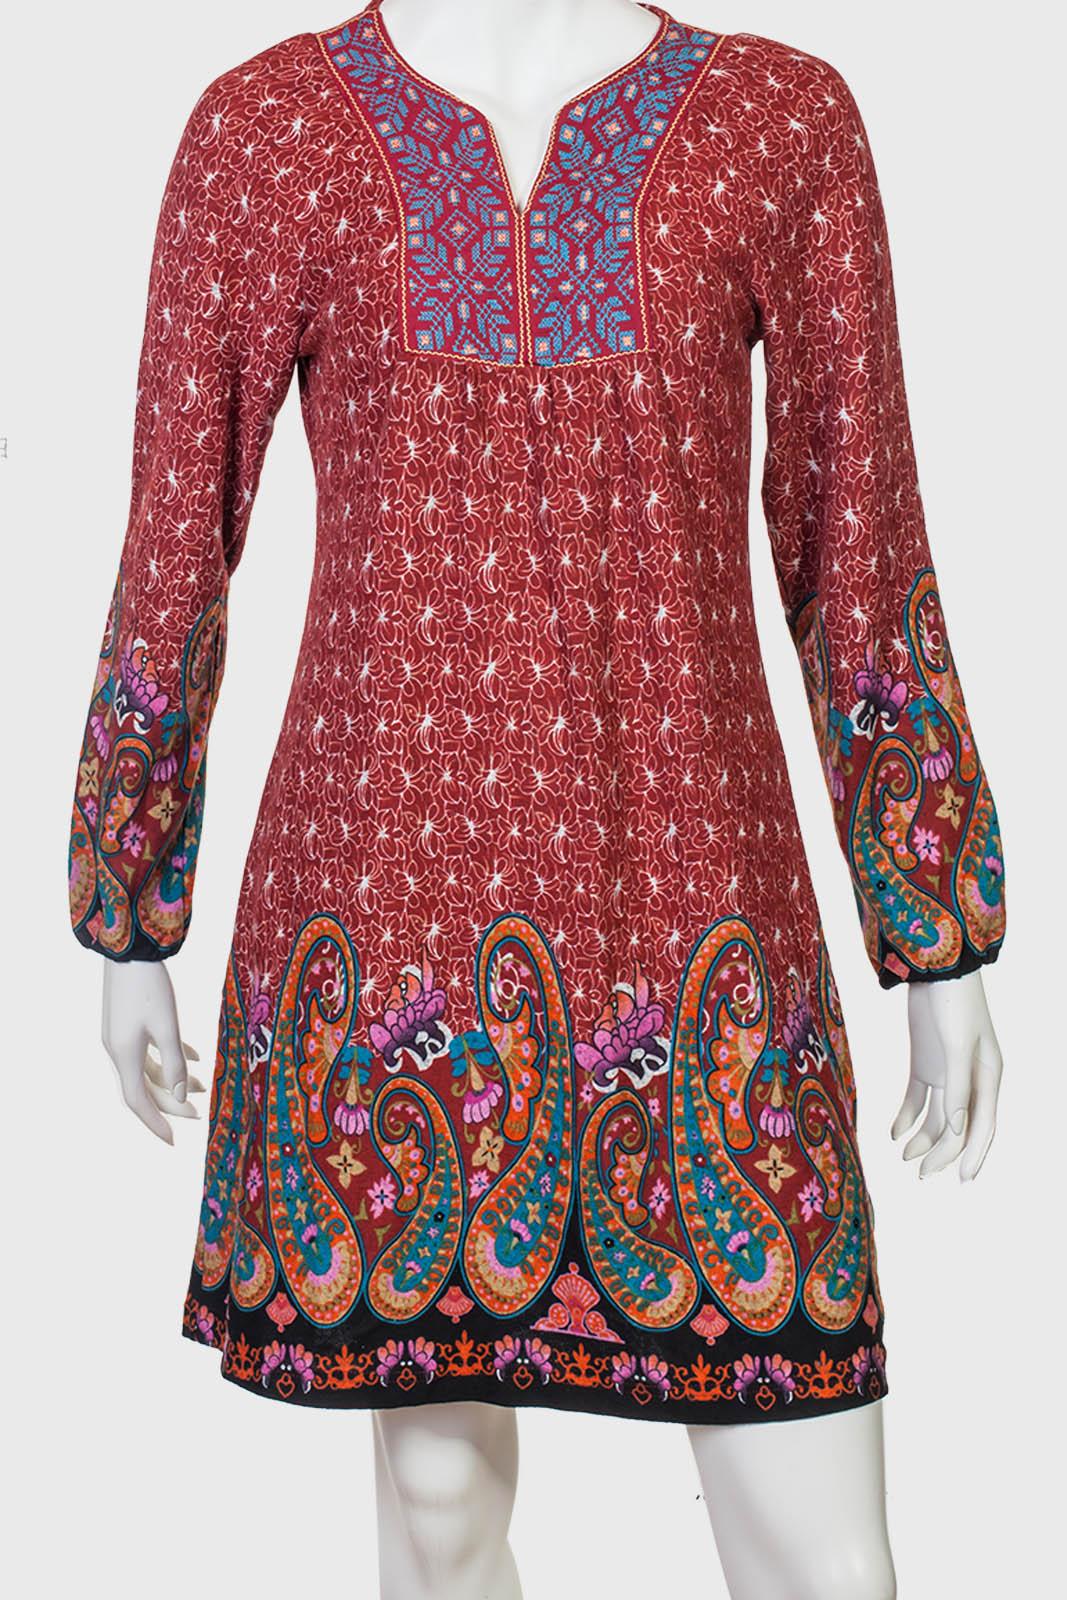 Свободное платье-туника в ностальгическом хиппи-стайл.